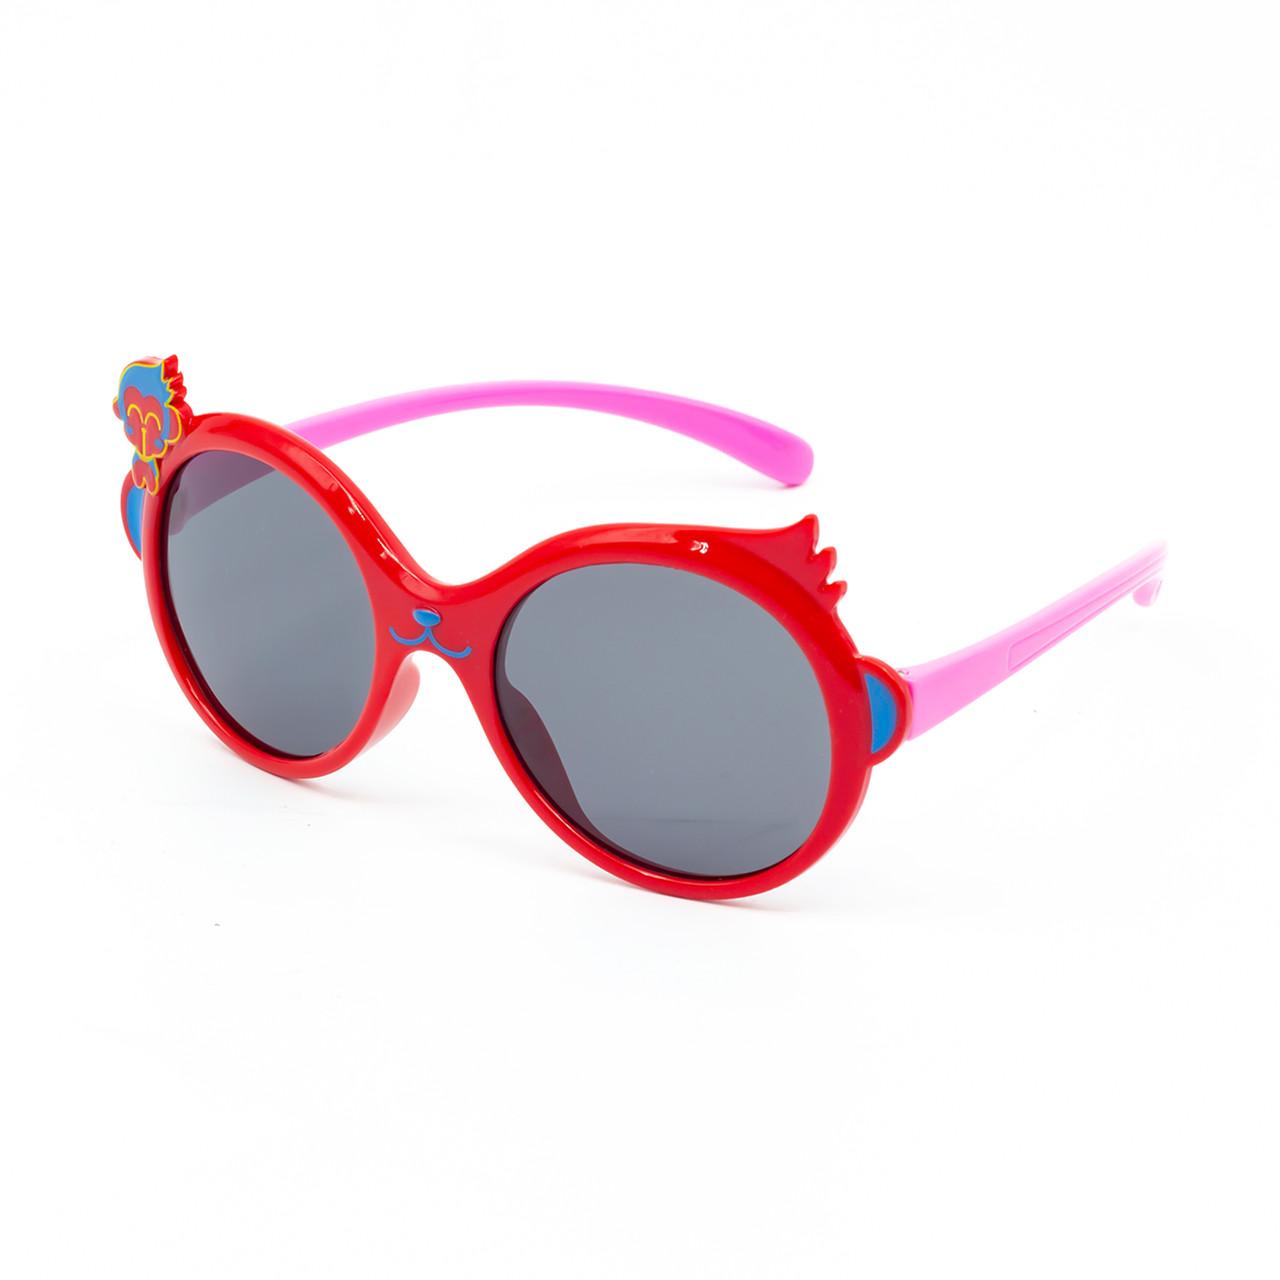 Солнцезащитные очки Marmilen P18145 C2 красные с розовым    ( KAP18145-02 )